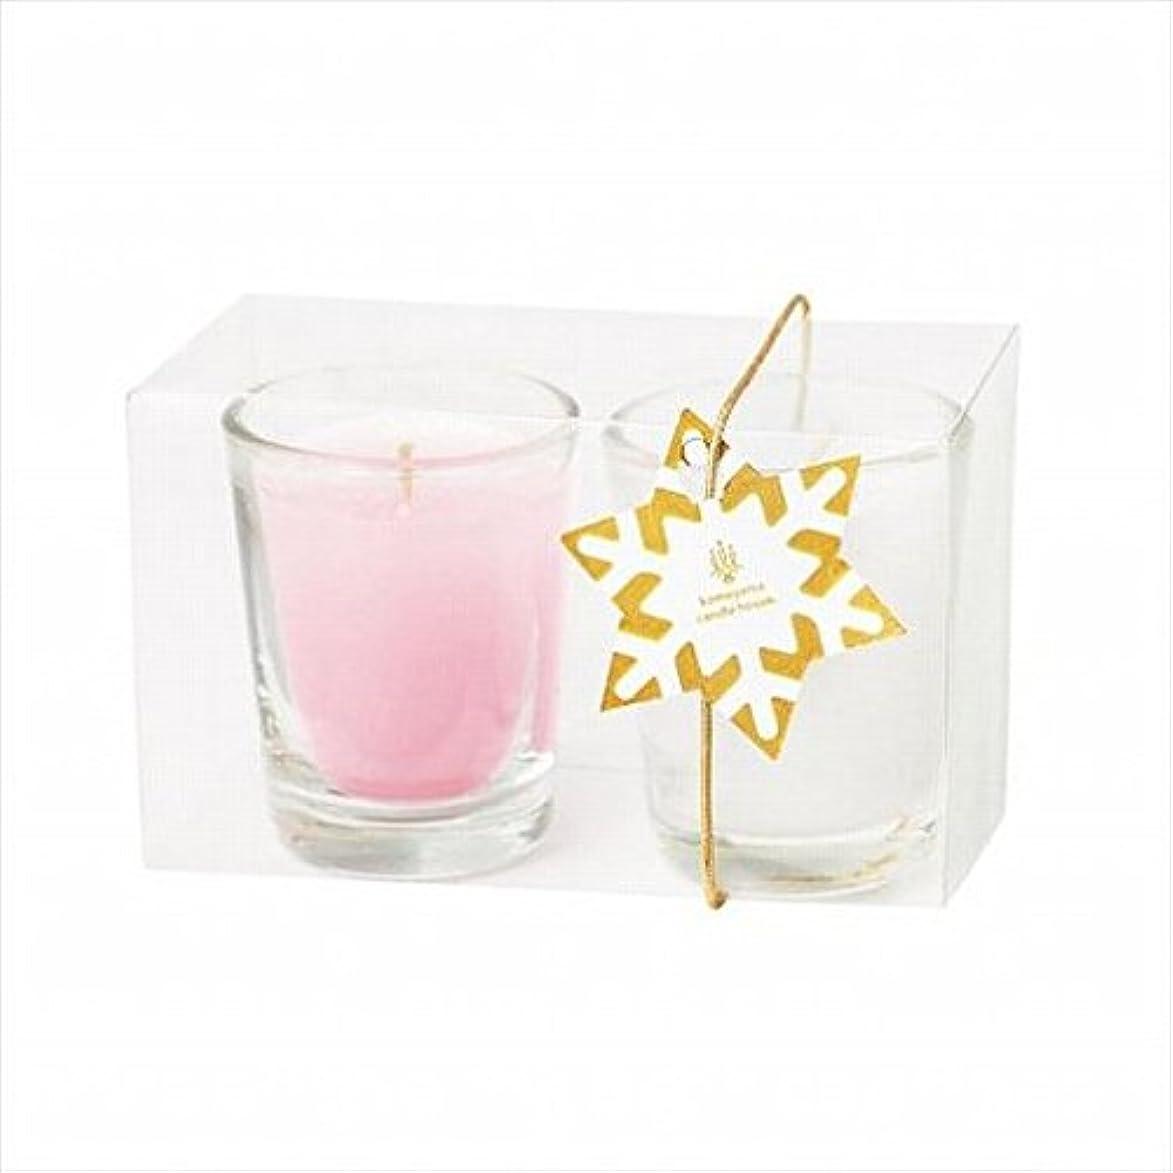 kameyama candle(カメヤマキャンドル) ミニライト2個入り 「 ホワイト&ピンク 」(A9570020)